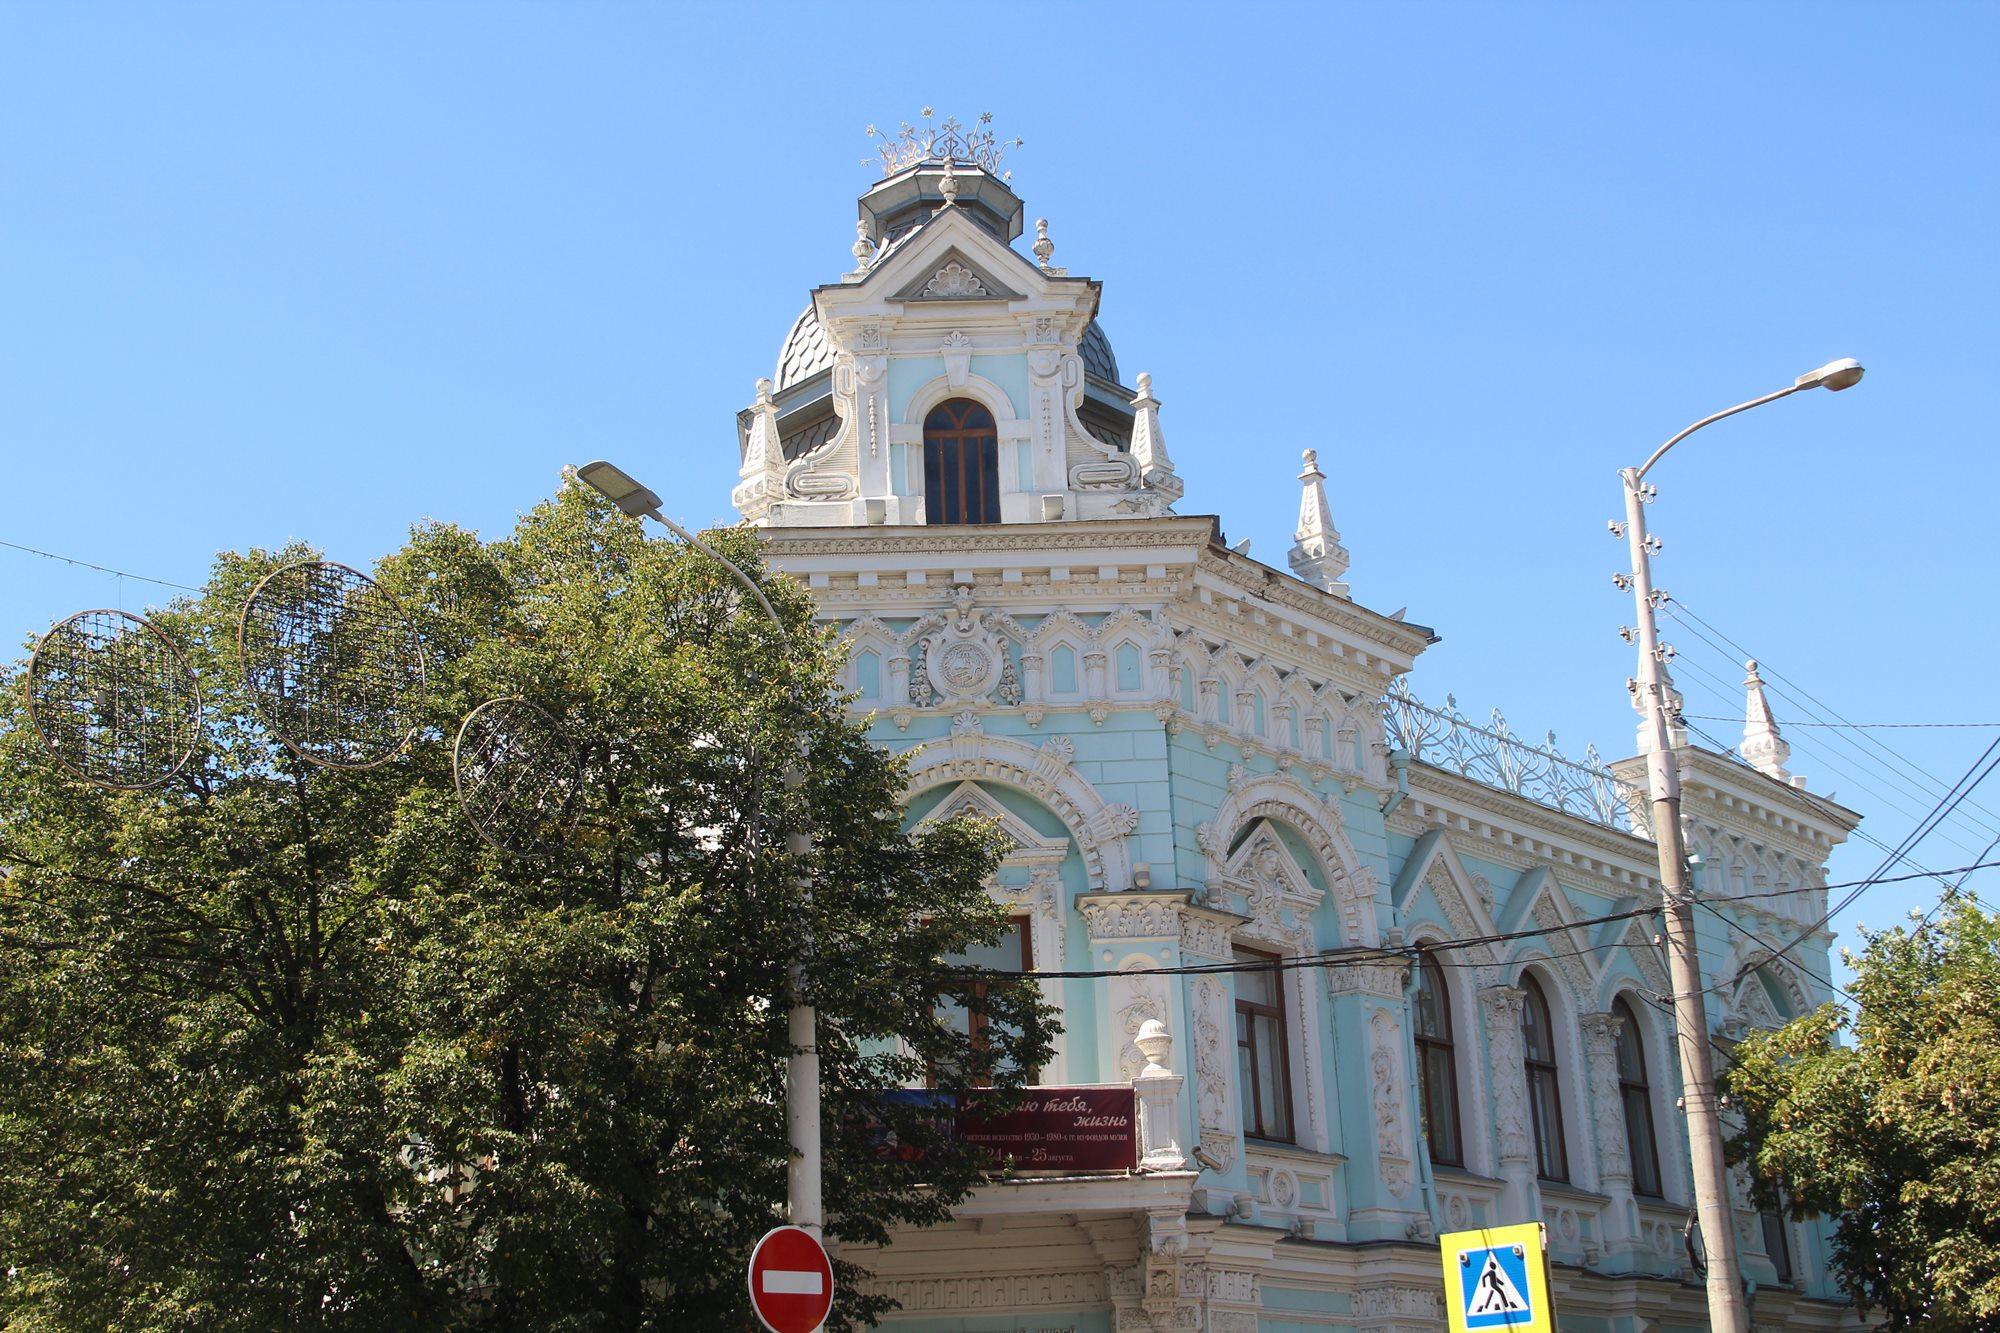 Жителей Кубани просят придумать слоган для музея в Краснодаре